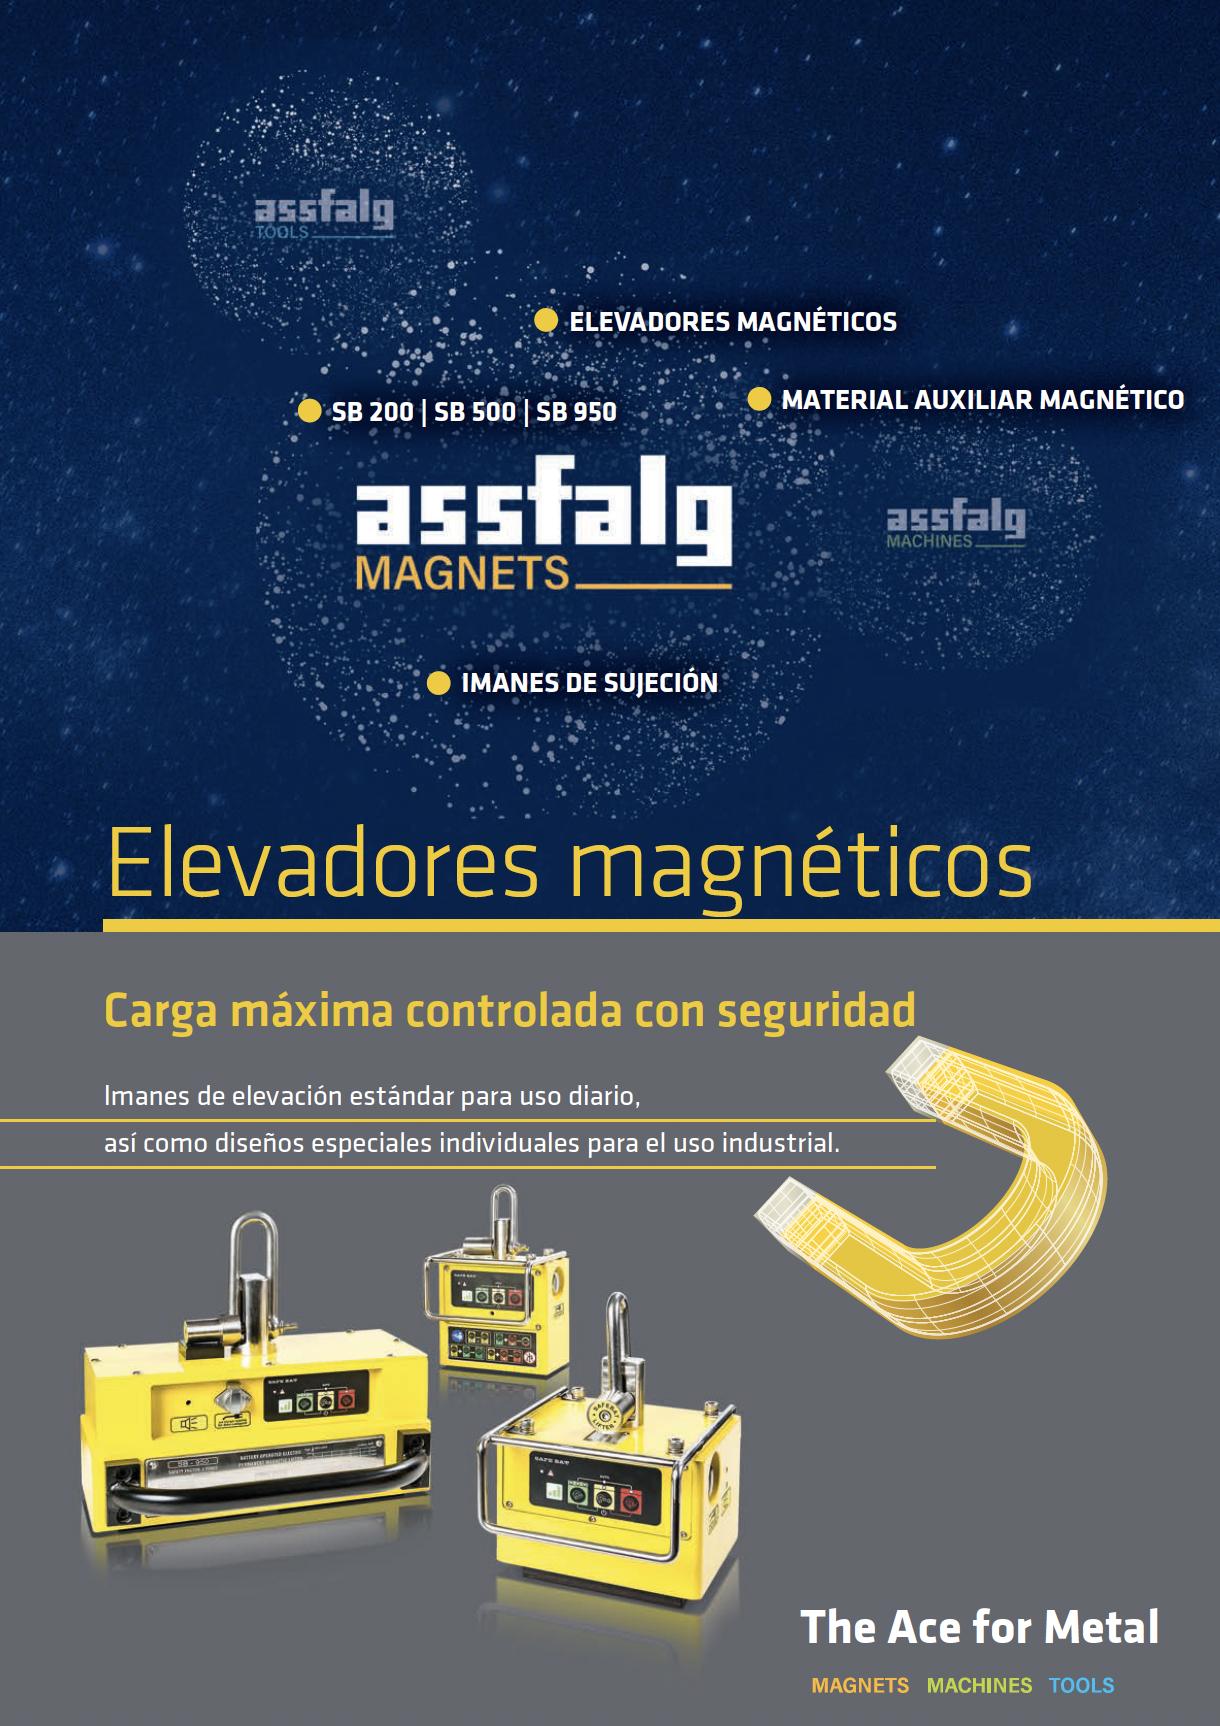 Assfalg_Elevadores magneticos